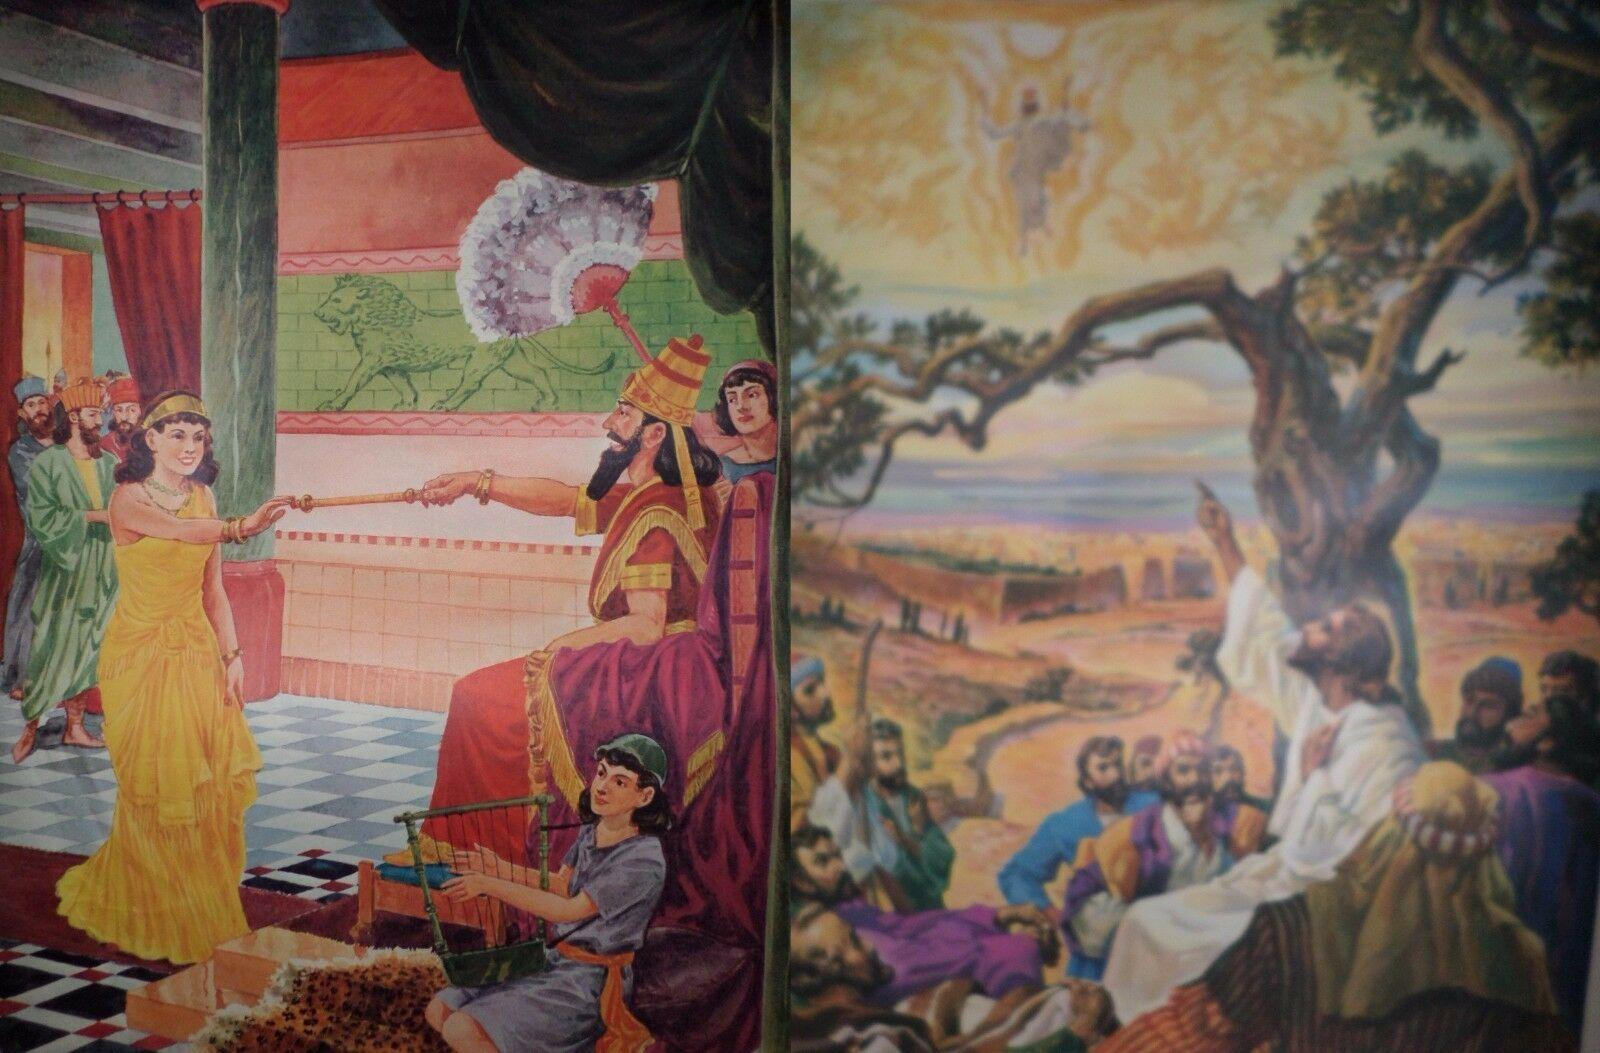 Vintage Religious Posters Church 50's 60's Jesus Bible Stories 18x24 15pcs  image 5